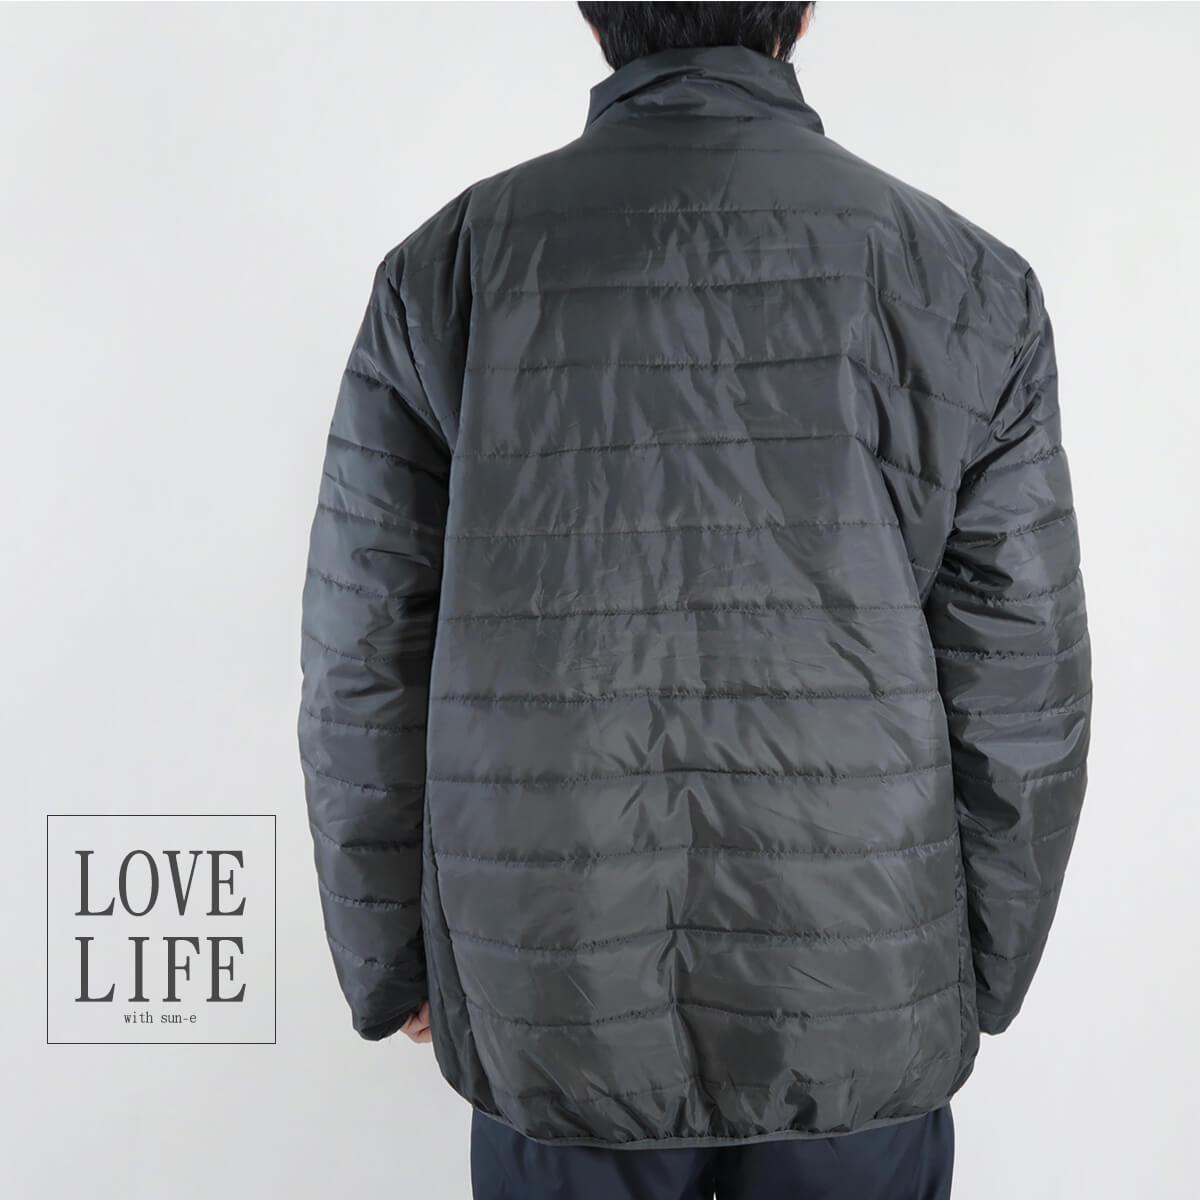 加大尺碼舖棉保暖外套 超輕量夾克外套 騎士外套 擋風外套 立領休閒外套 鋪棉外套 藍色外套 黑色外套 WARM PADDED JACKET (321-A831-08)深藍色、(321-A831-21)黑色、(321-A831-22)灰色 6L 7L 8L (胸圍58~62英吋) [實體店面保障] sun-e 9